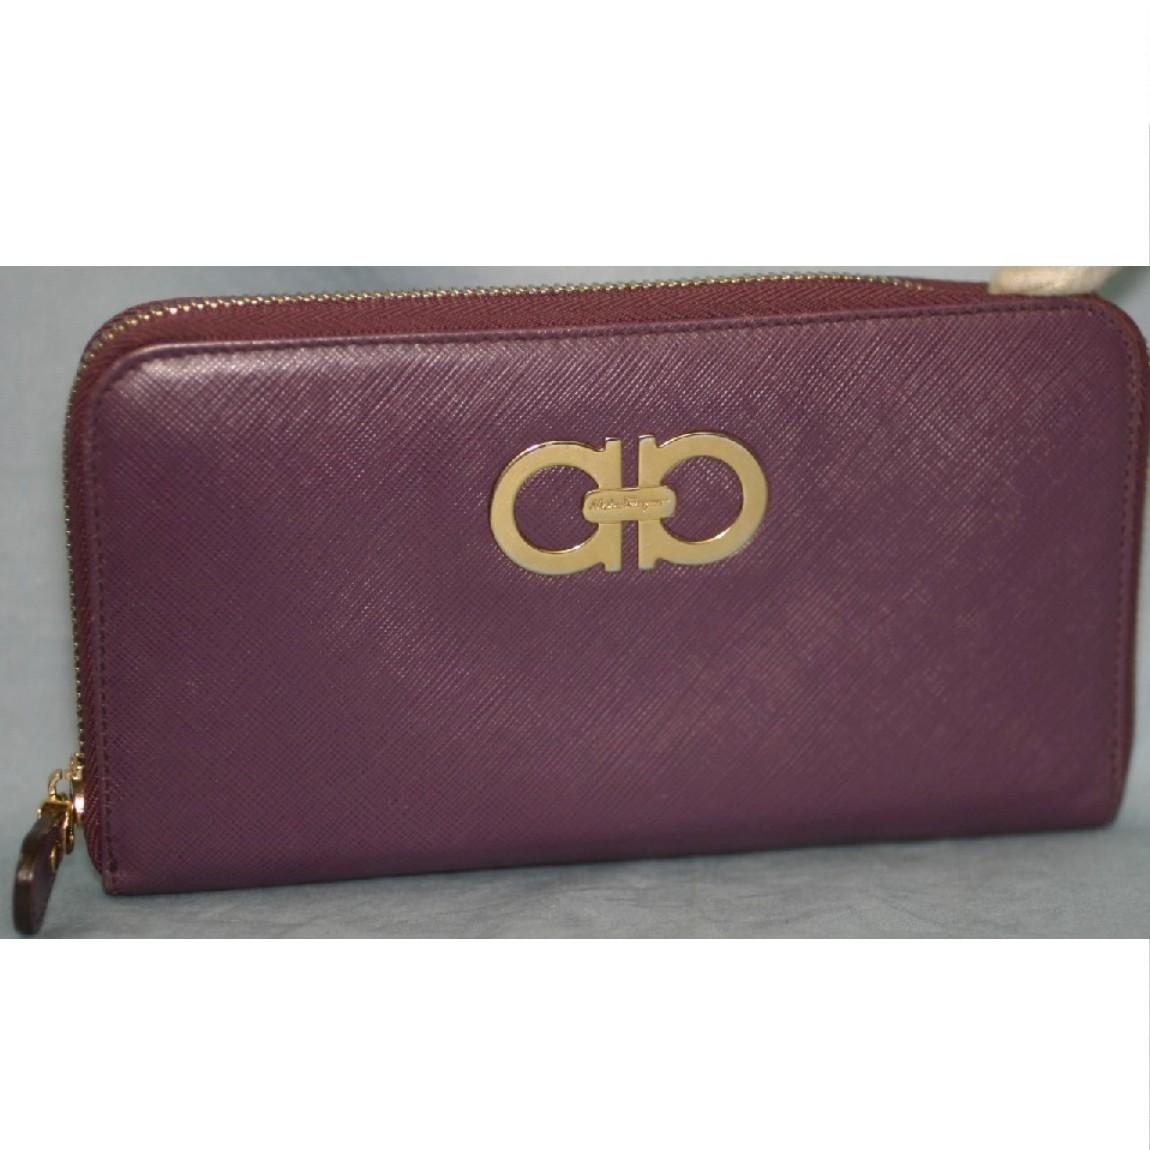 【中古】本物綺麗フェラガモ女性用紫色革ラウンドファスナー長財布